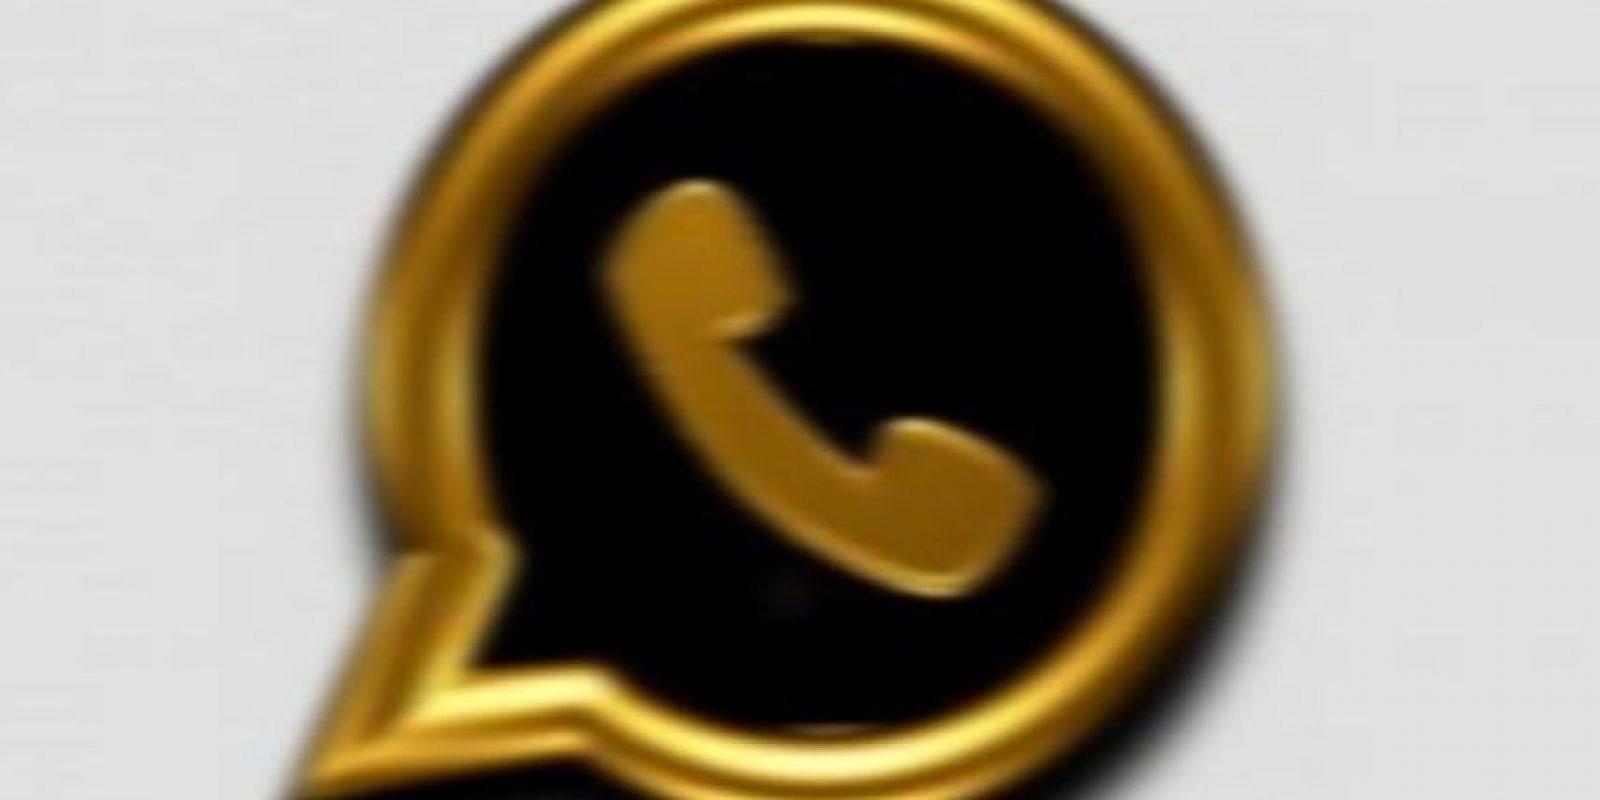 WhatsApp Oro Foto:Twitter